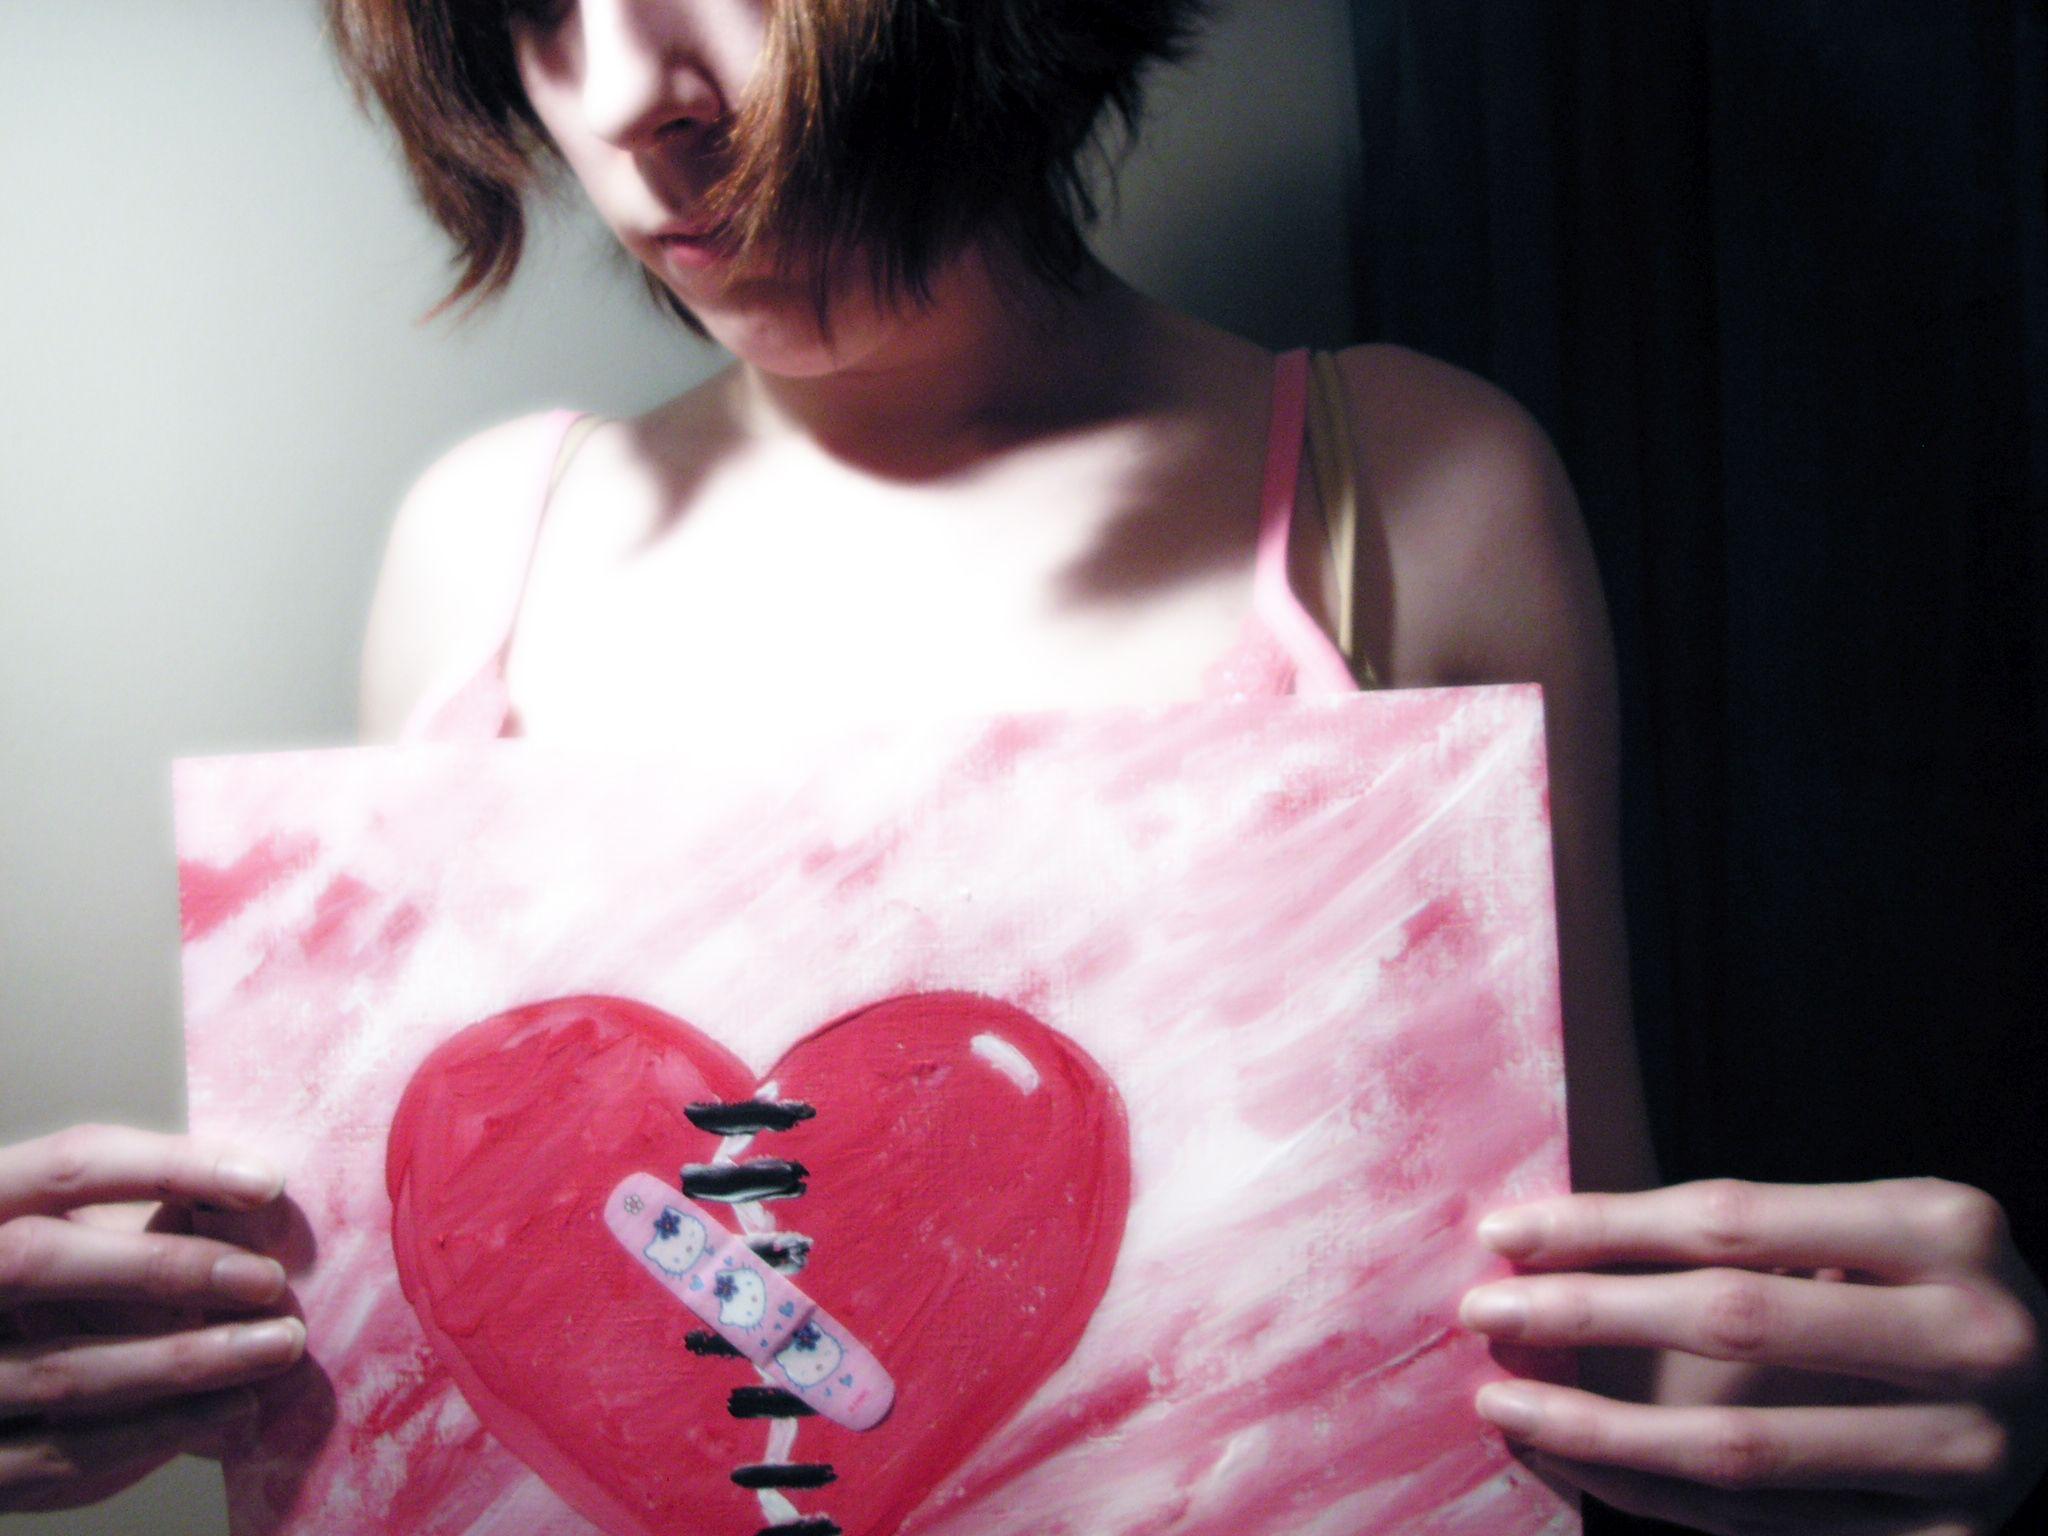 Całe swoje dotychczasowe życie goniłam za akceptacją, za... miłością (fot. Hayley Bouchard / http://bit.ly/1zpxtIM / CC BY / http://bit.ly/OJZNiI)